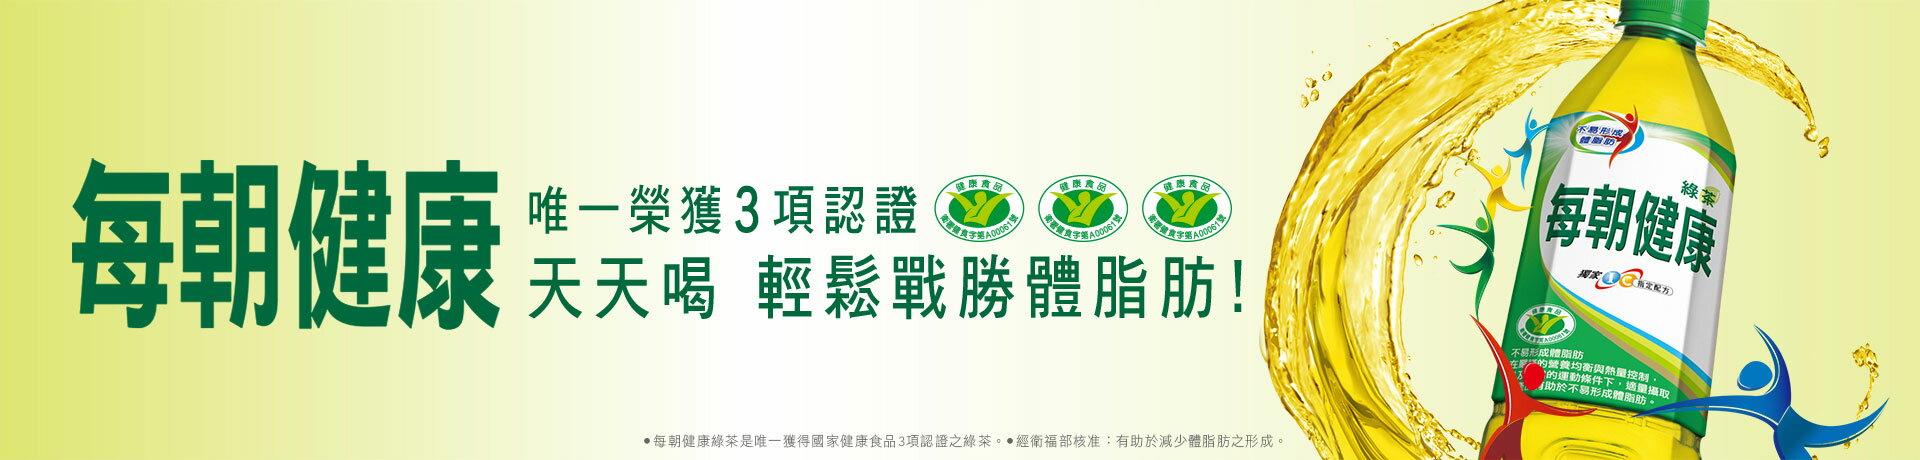 御茶園 每朝健康 綠茶 無糖 900ml【康鄰超市】 2